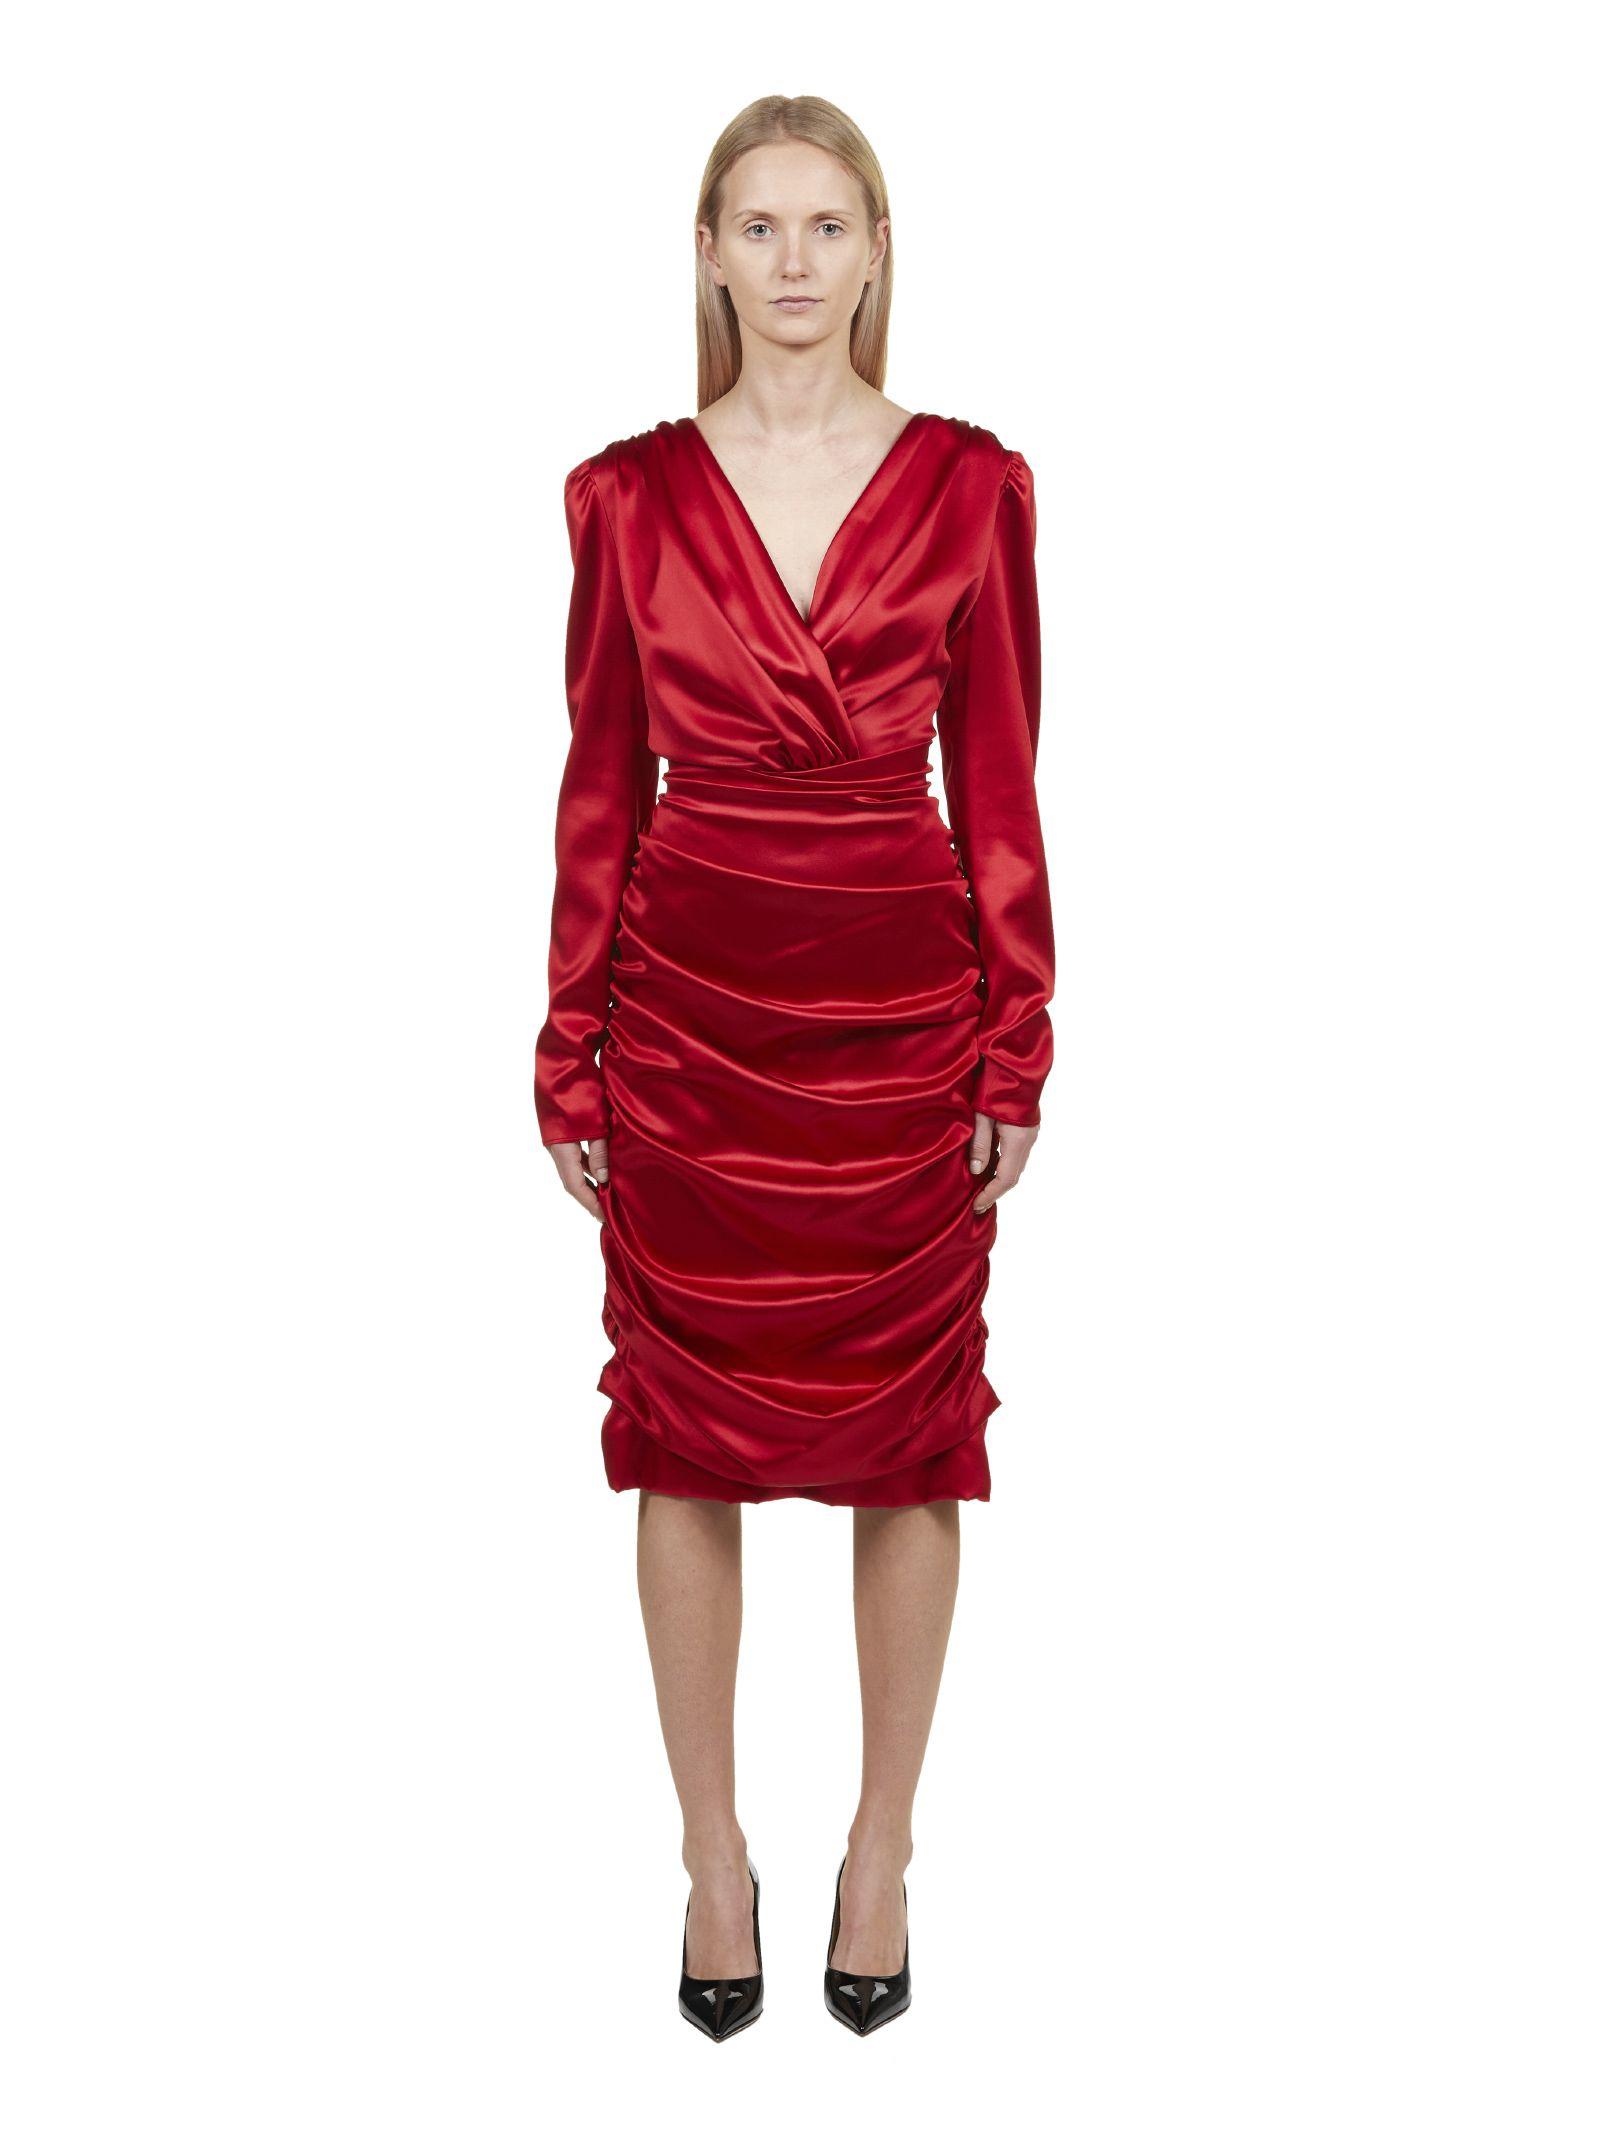 Dolce & Gabbana Gathered Dress